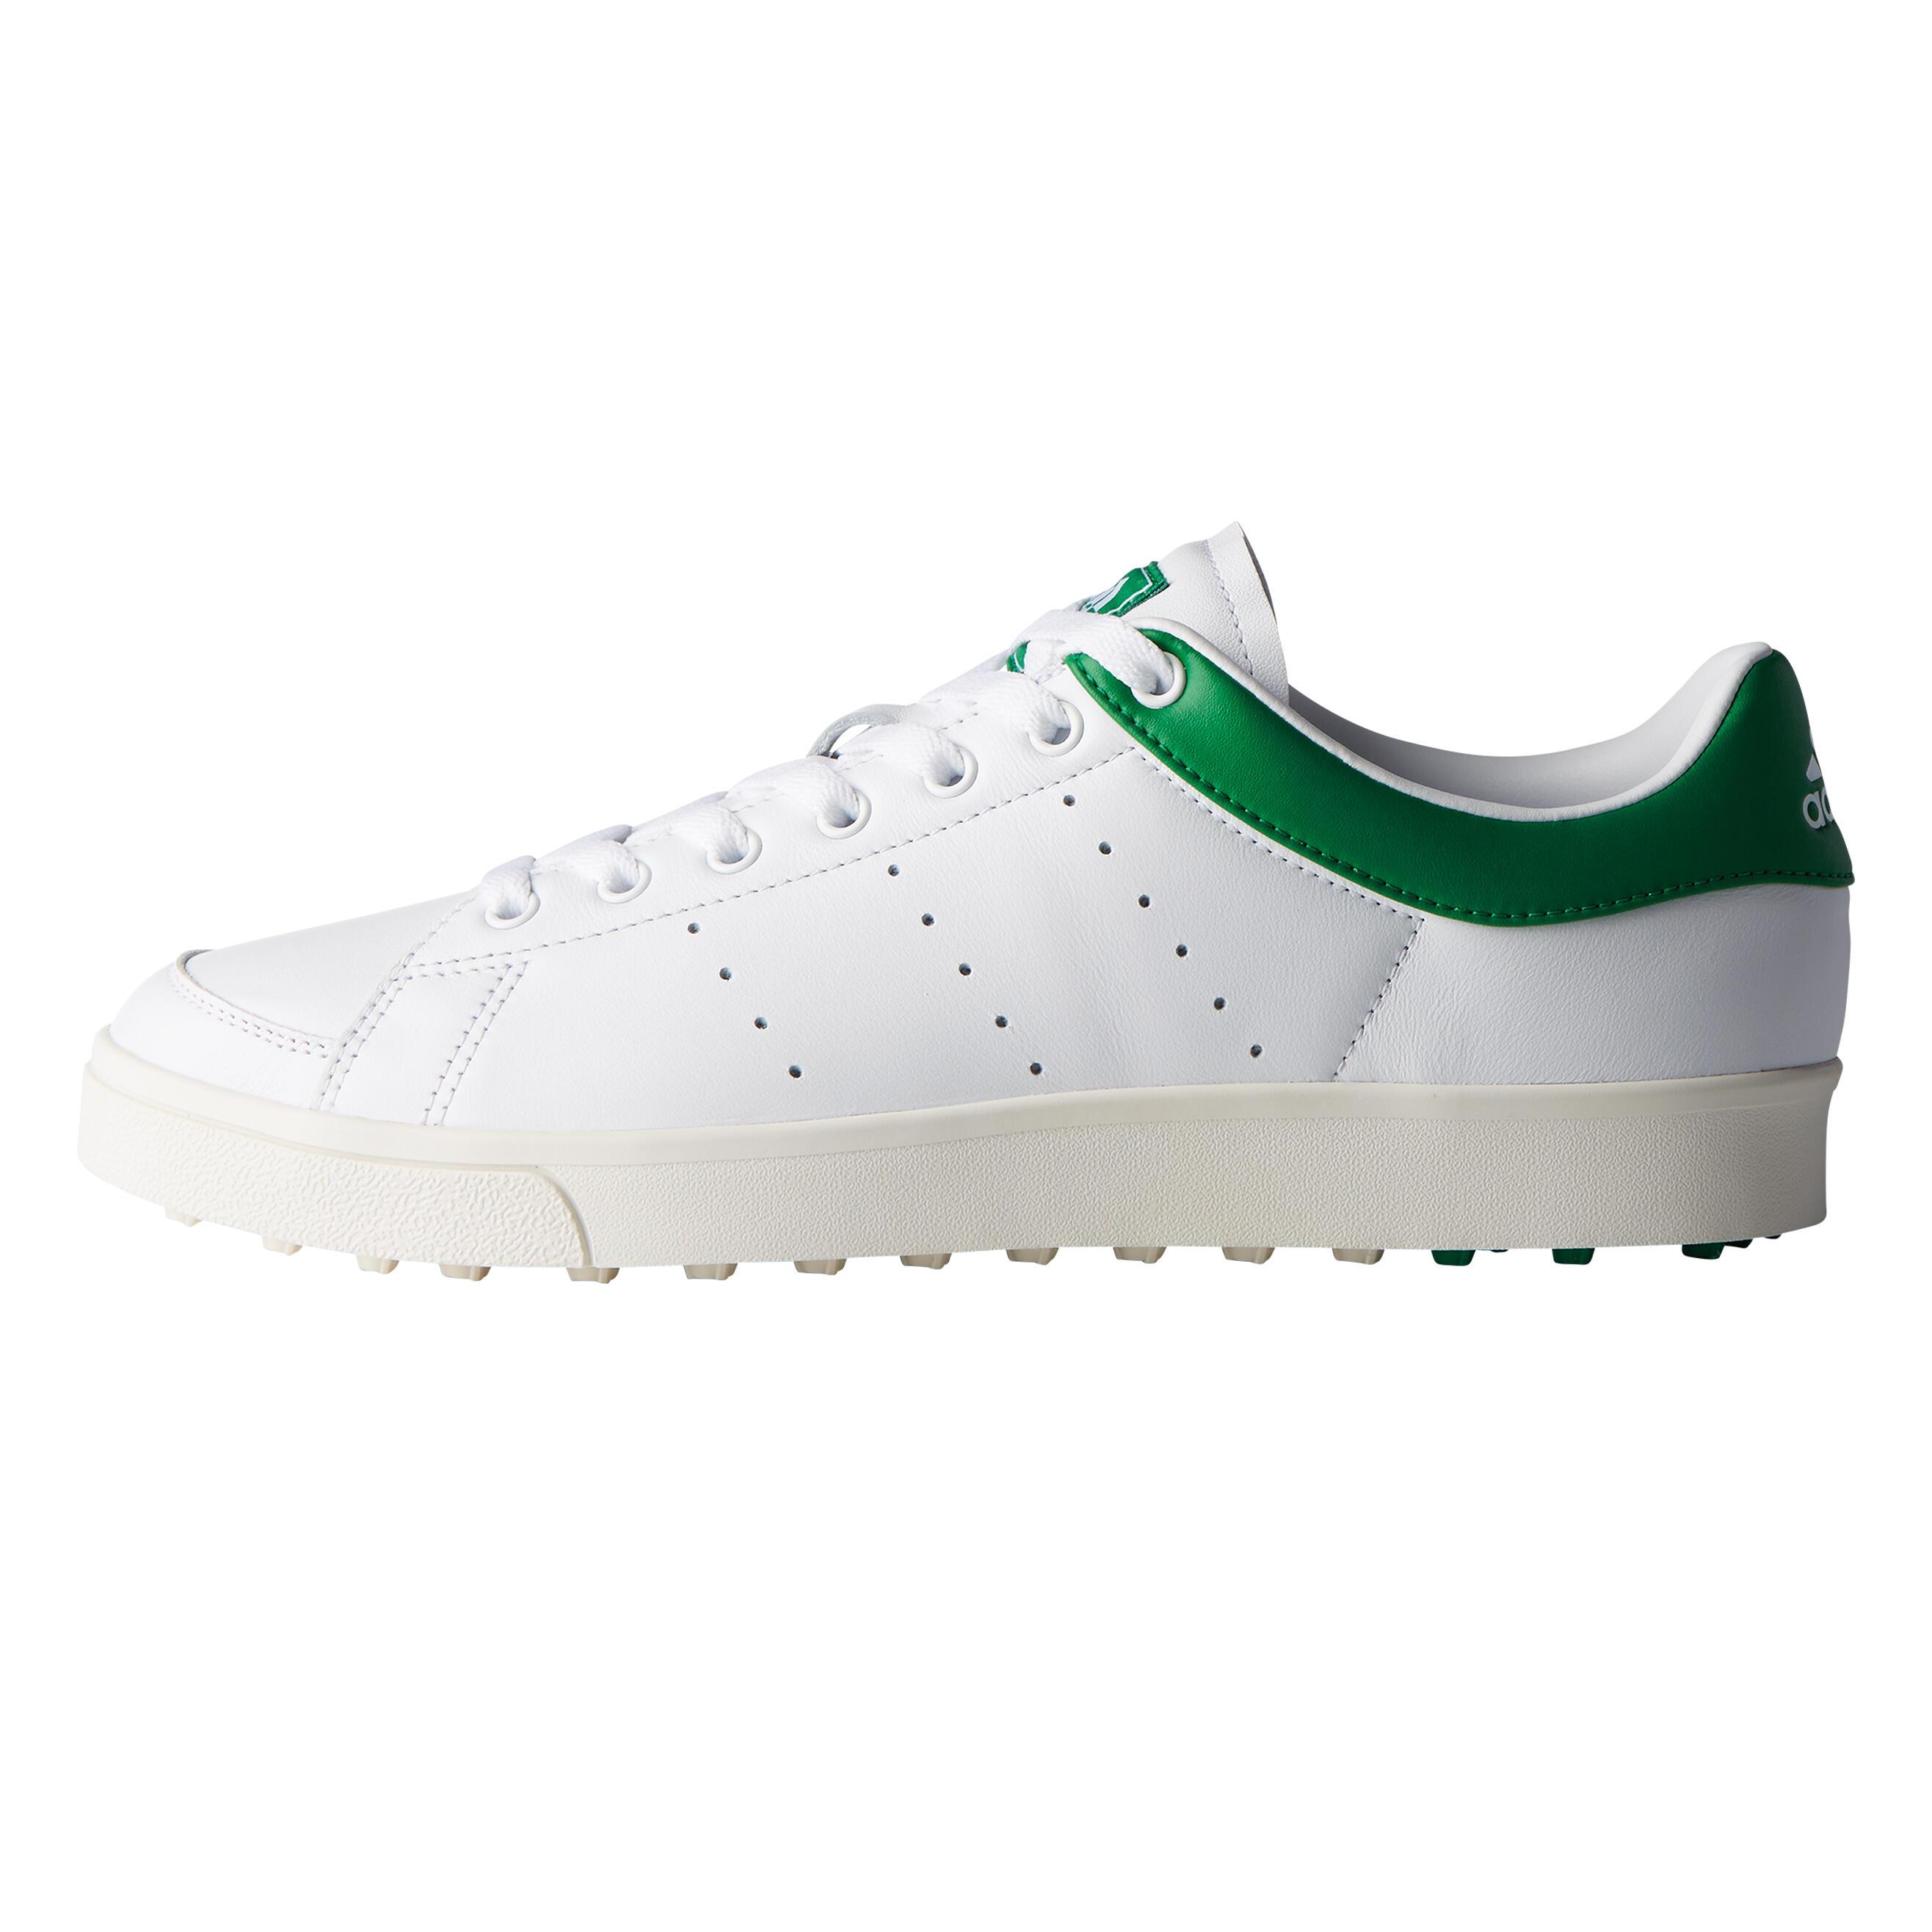 Adidas Golfschoenen voor heren Adicross Classic wit kopen